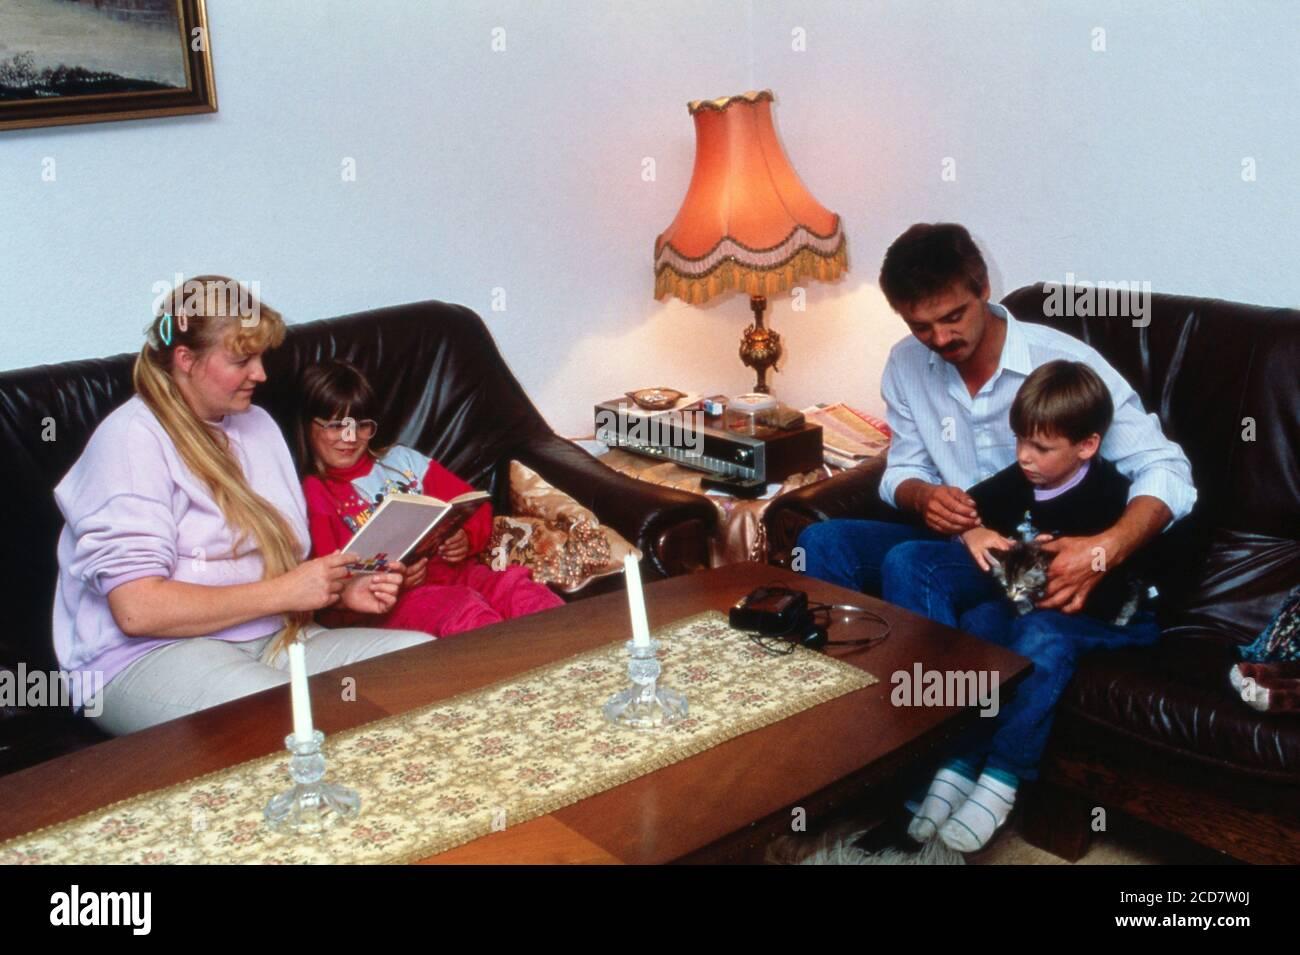 Bildreportage: Linn Westedt mit ihren Eltern und dem Bruder im Wohnzimmer. Stock Photo